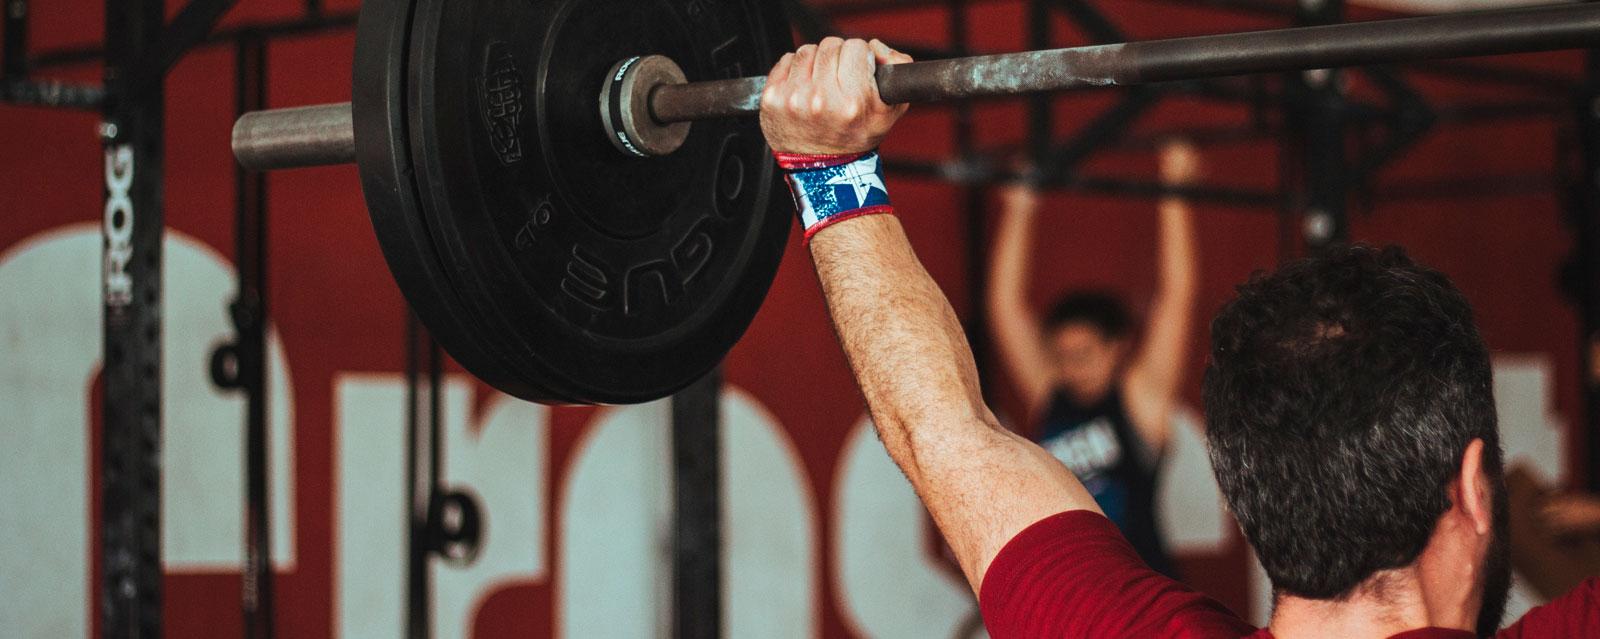 todo lo que debes saber sobre la fuerza muscular